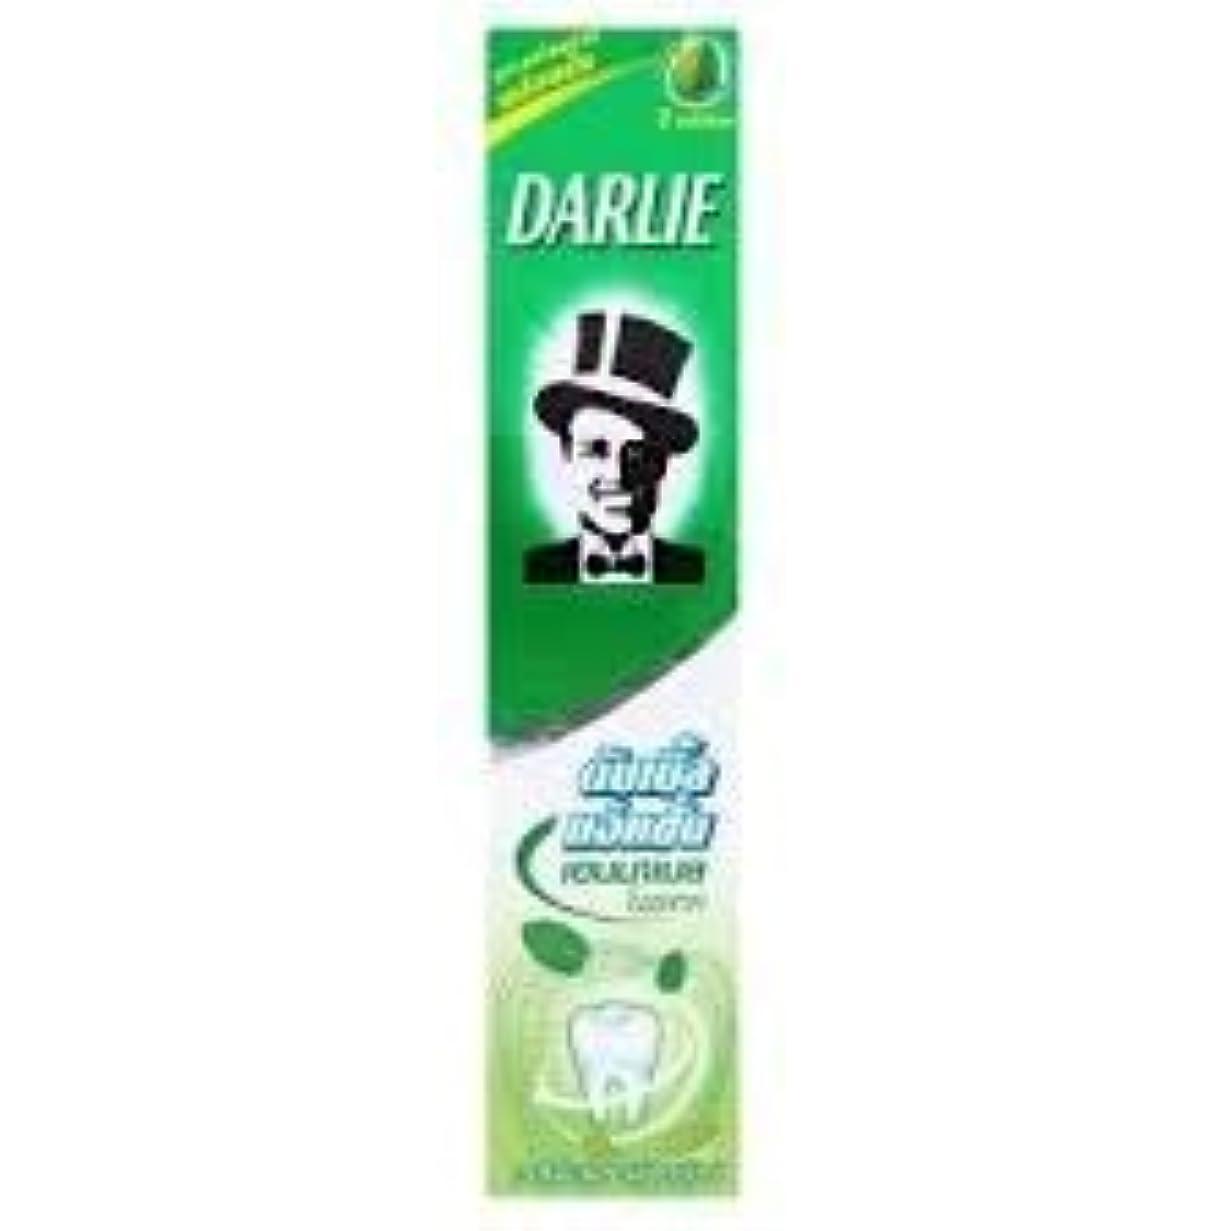 柱カルシウムウガンダDARLIE 歯磨き粉エナメルは強力なミントを保護します200g - 私達の元の強いミントの味とあなたの呼吸のミントを新しく保ちます